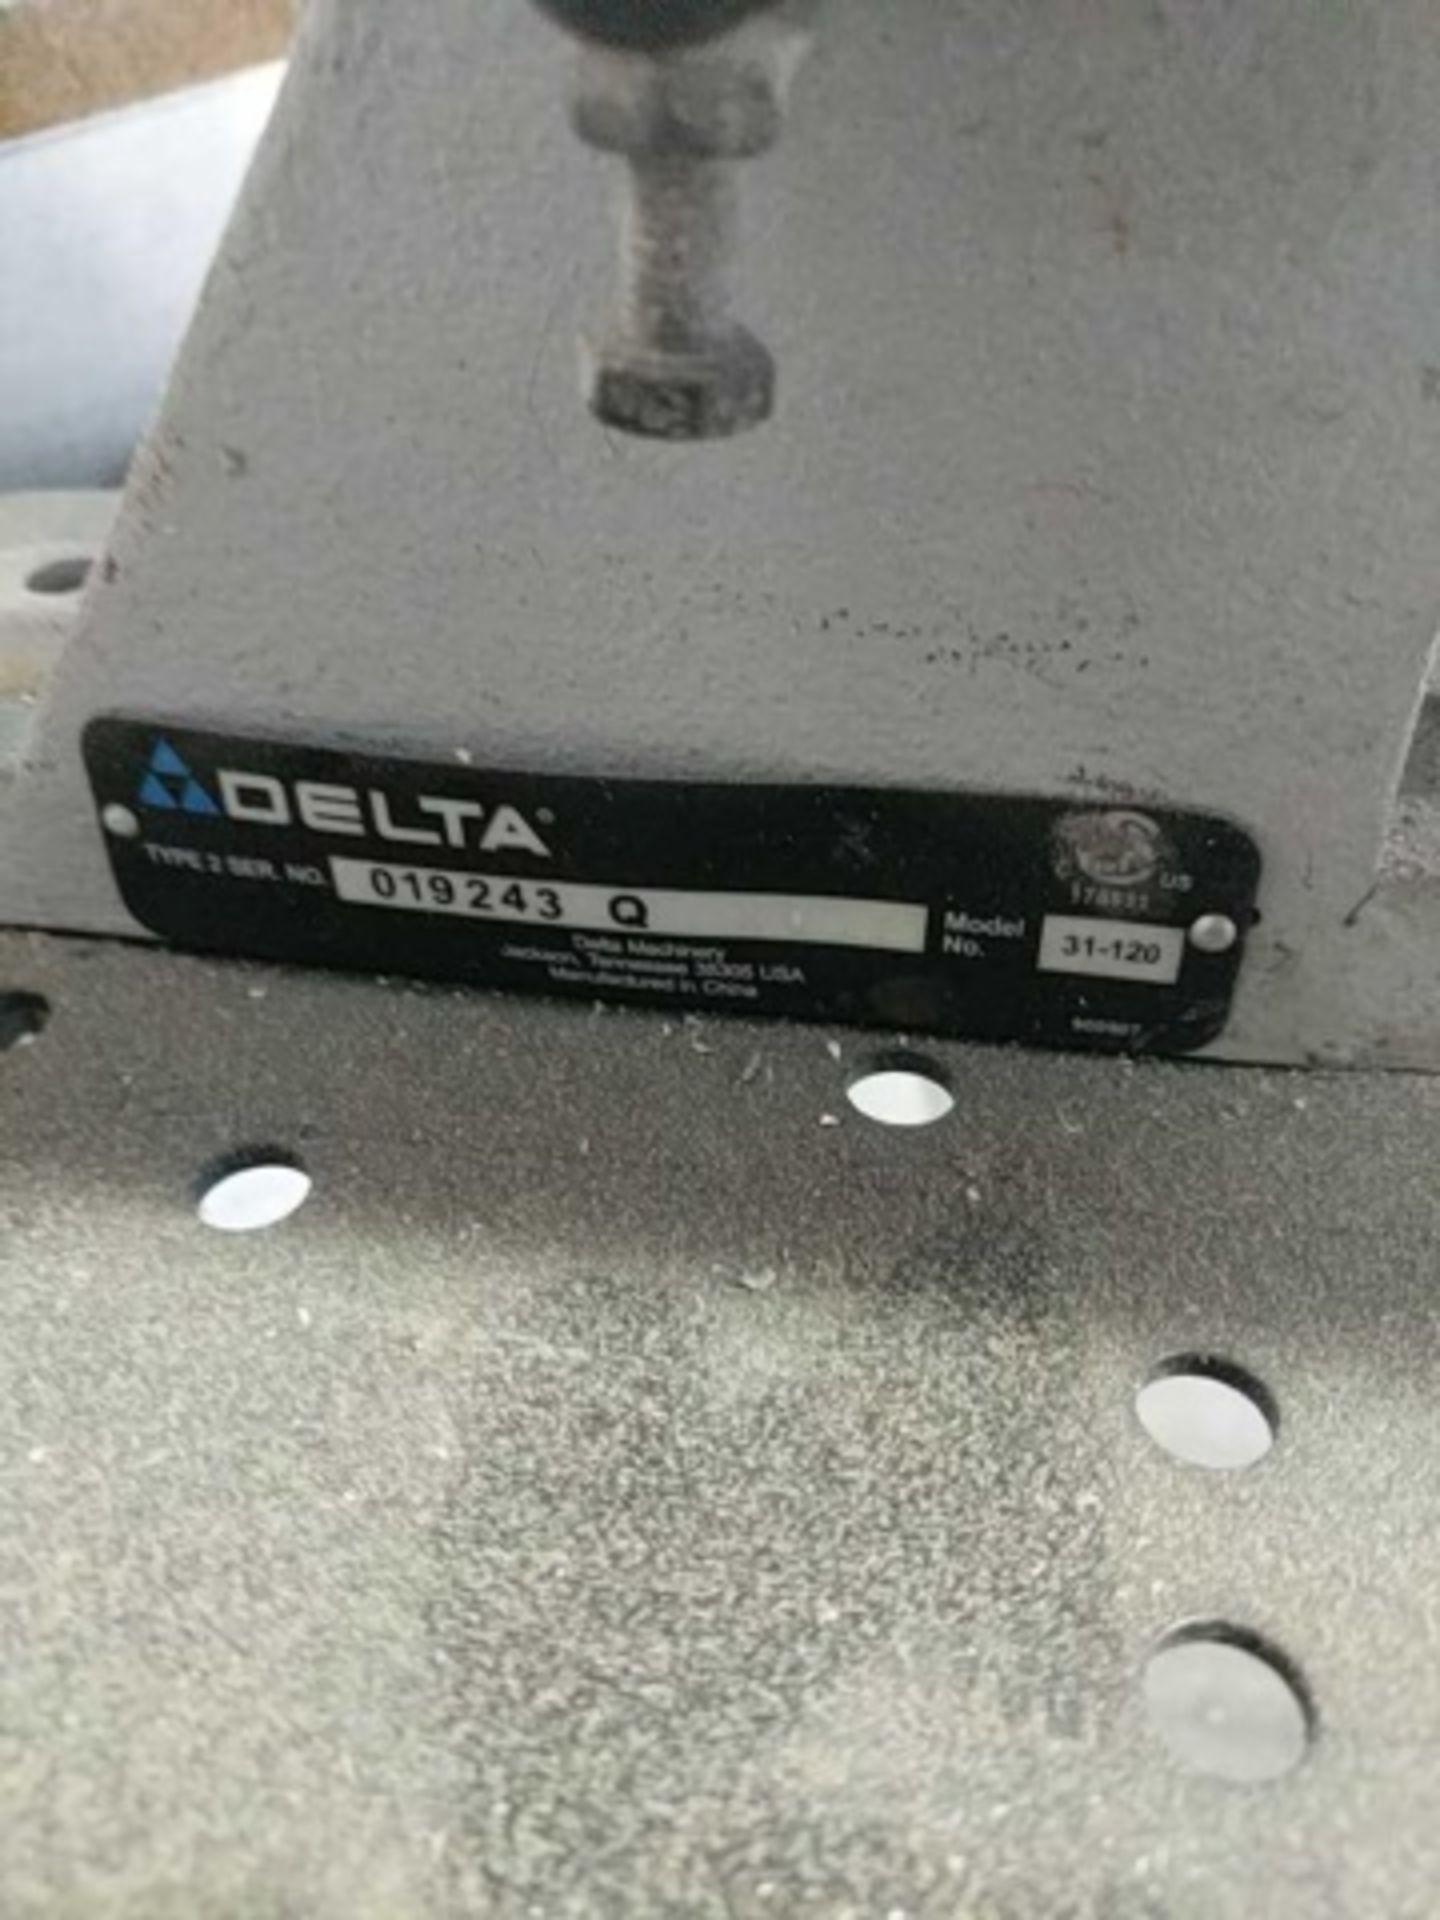 Delta 31-120 Disc Sander - Image 3 of 4